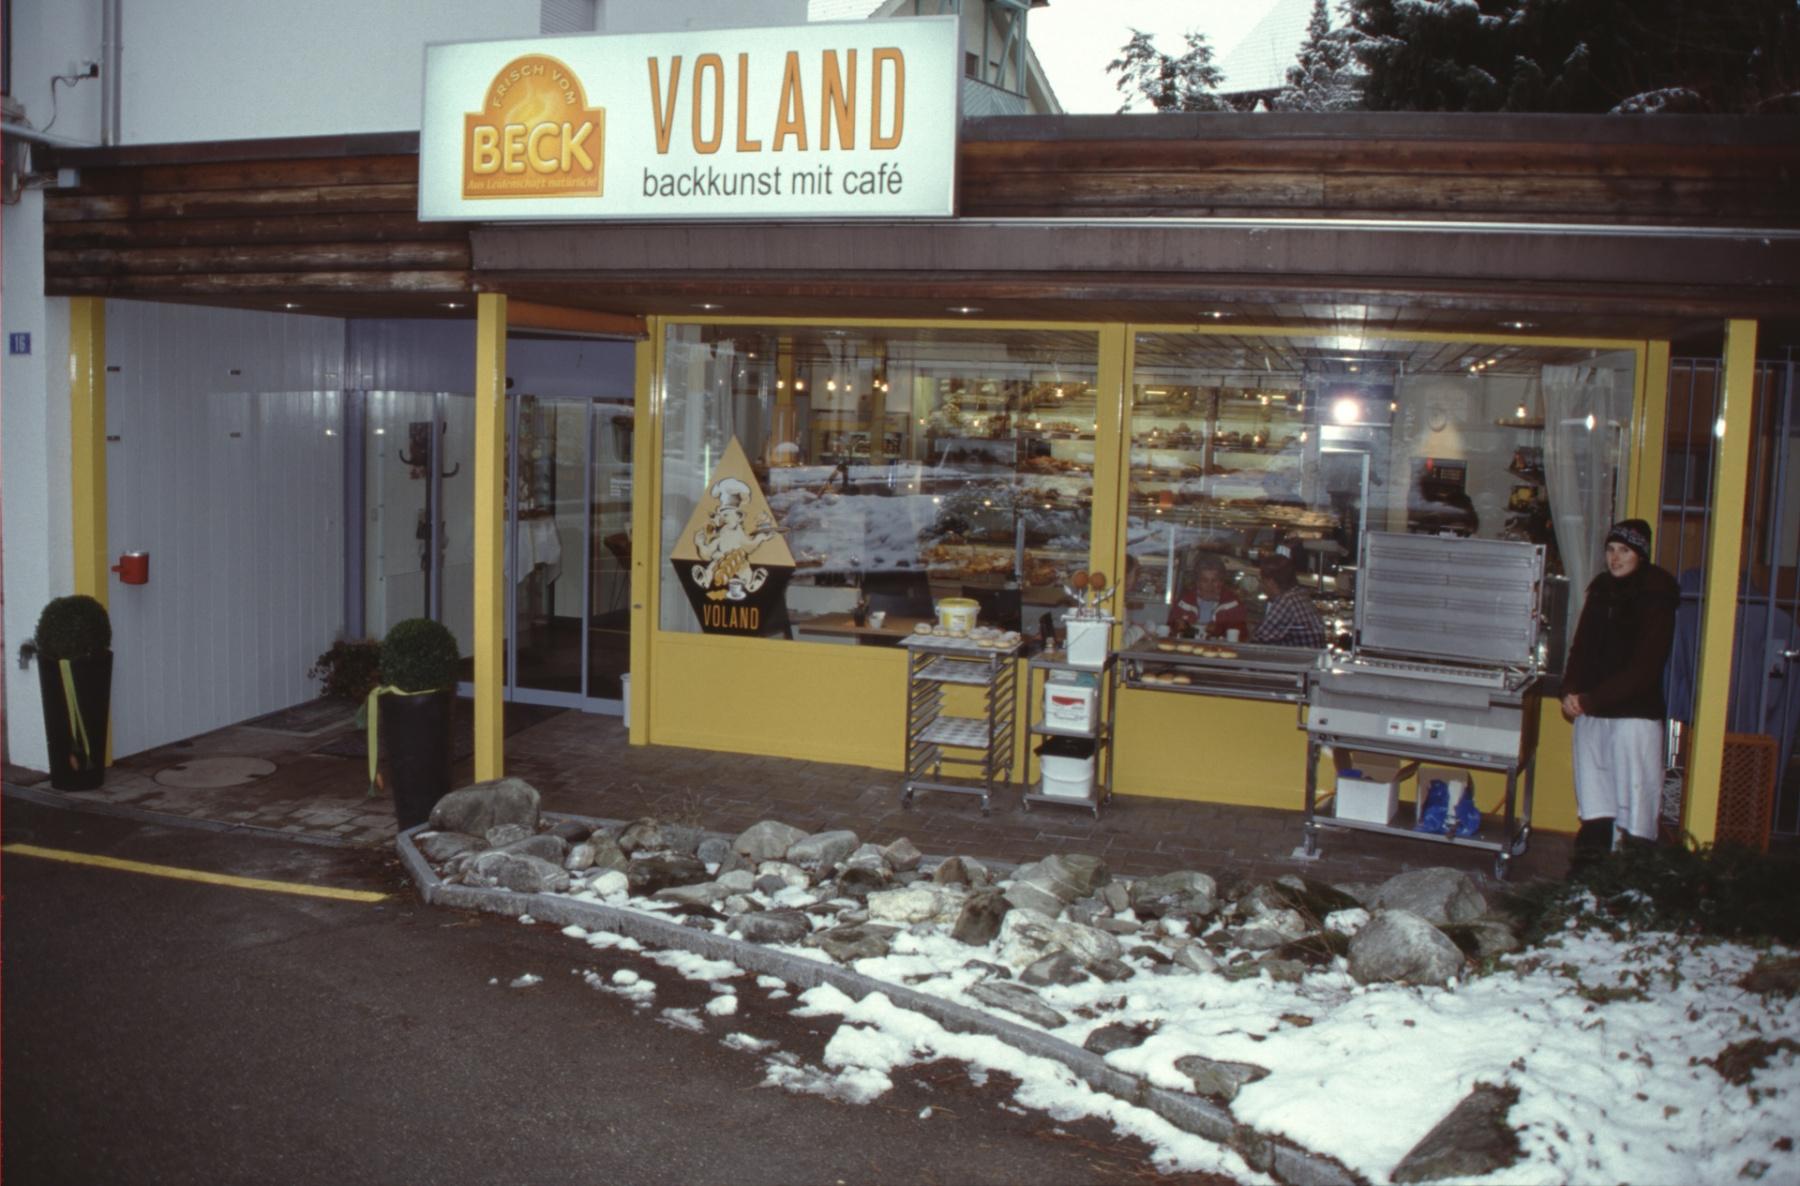 Nach Café Ziegelhütte neu Café Voland